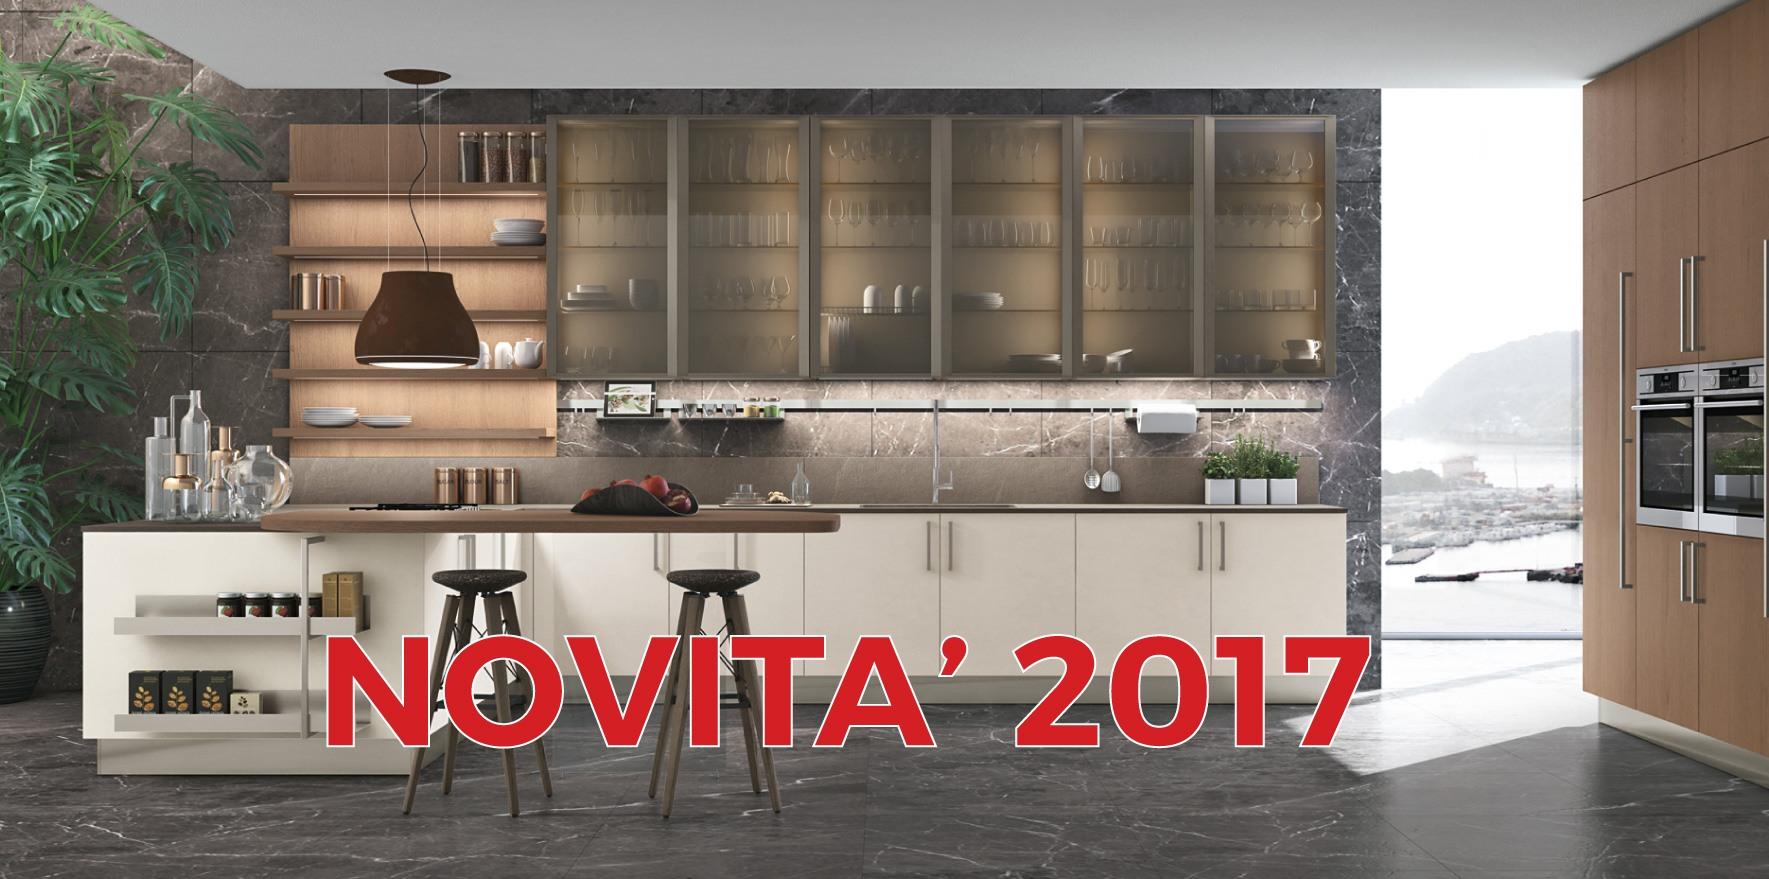 NOVITA1